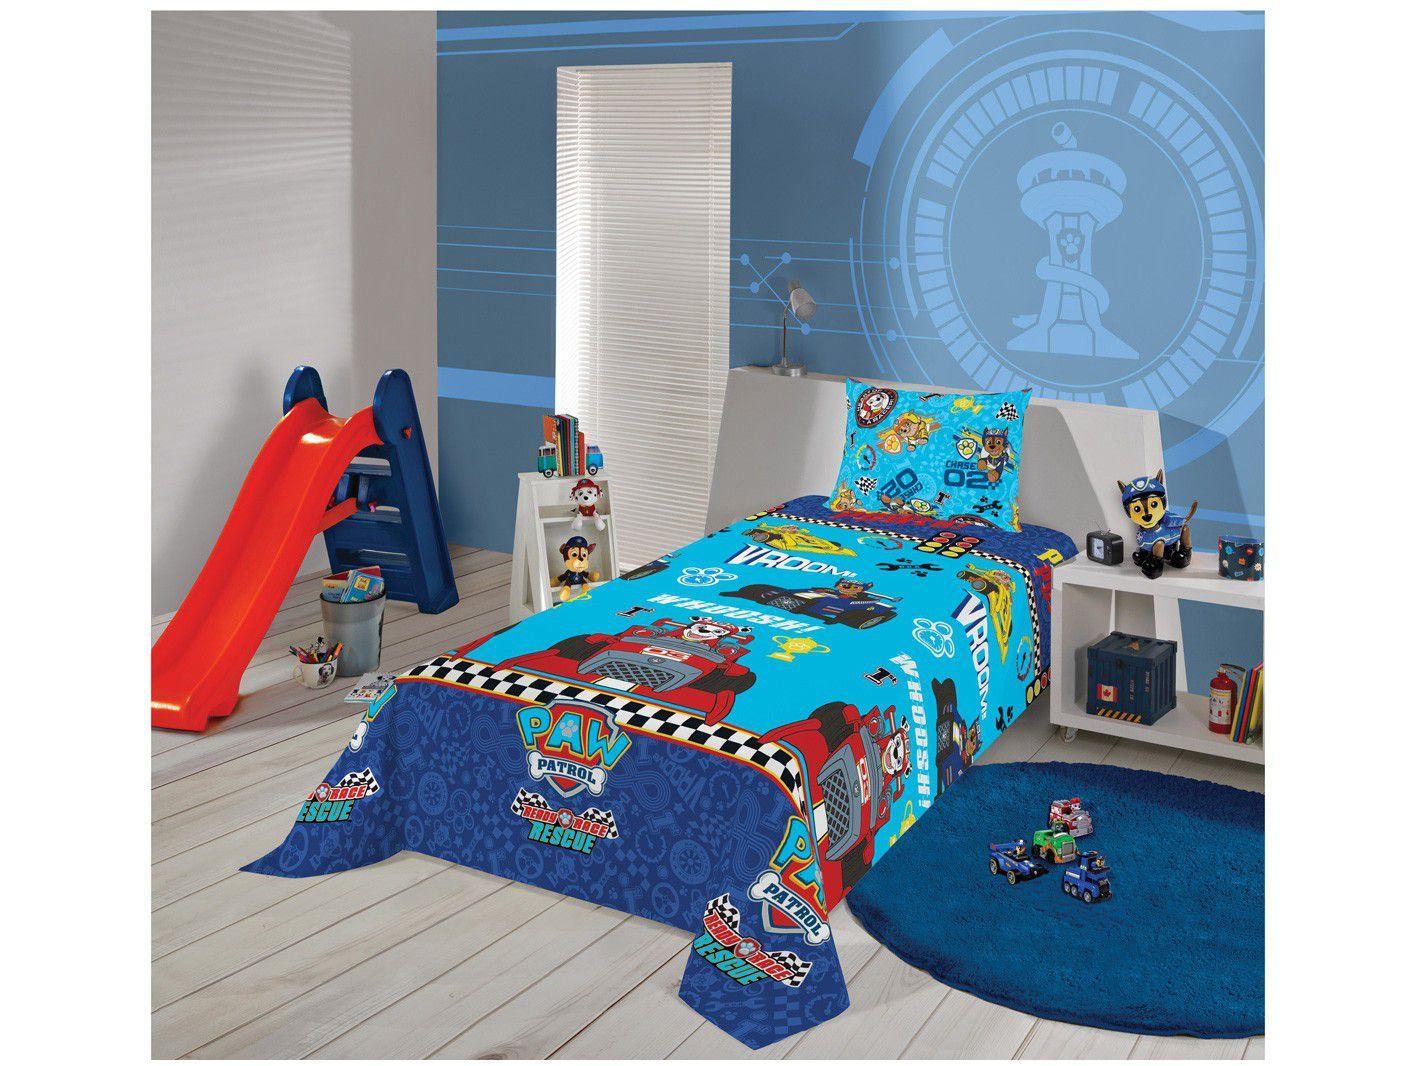 Jogo de Cama Infantil Solteiro Lepper Microfibra - Patrulha Canina Azul 2 Peças